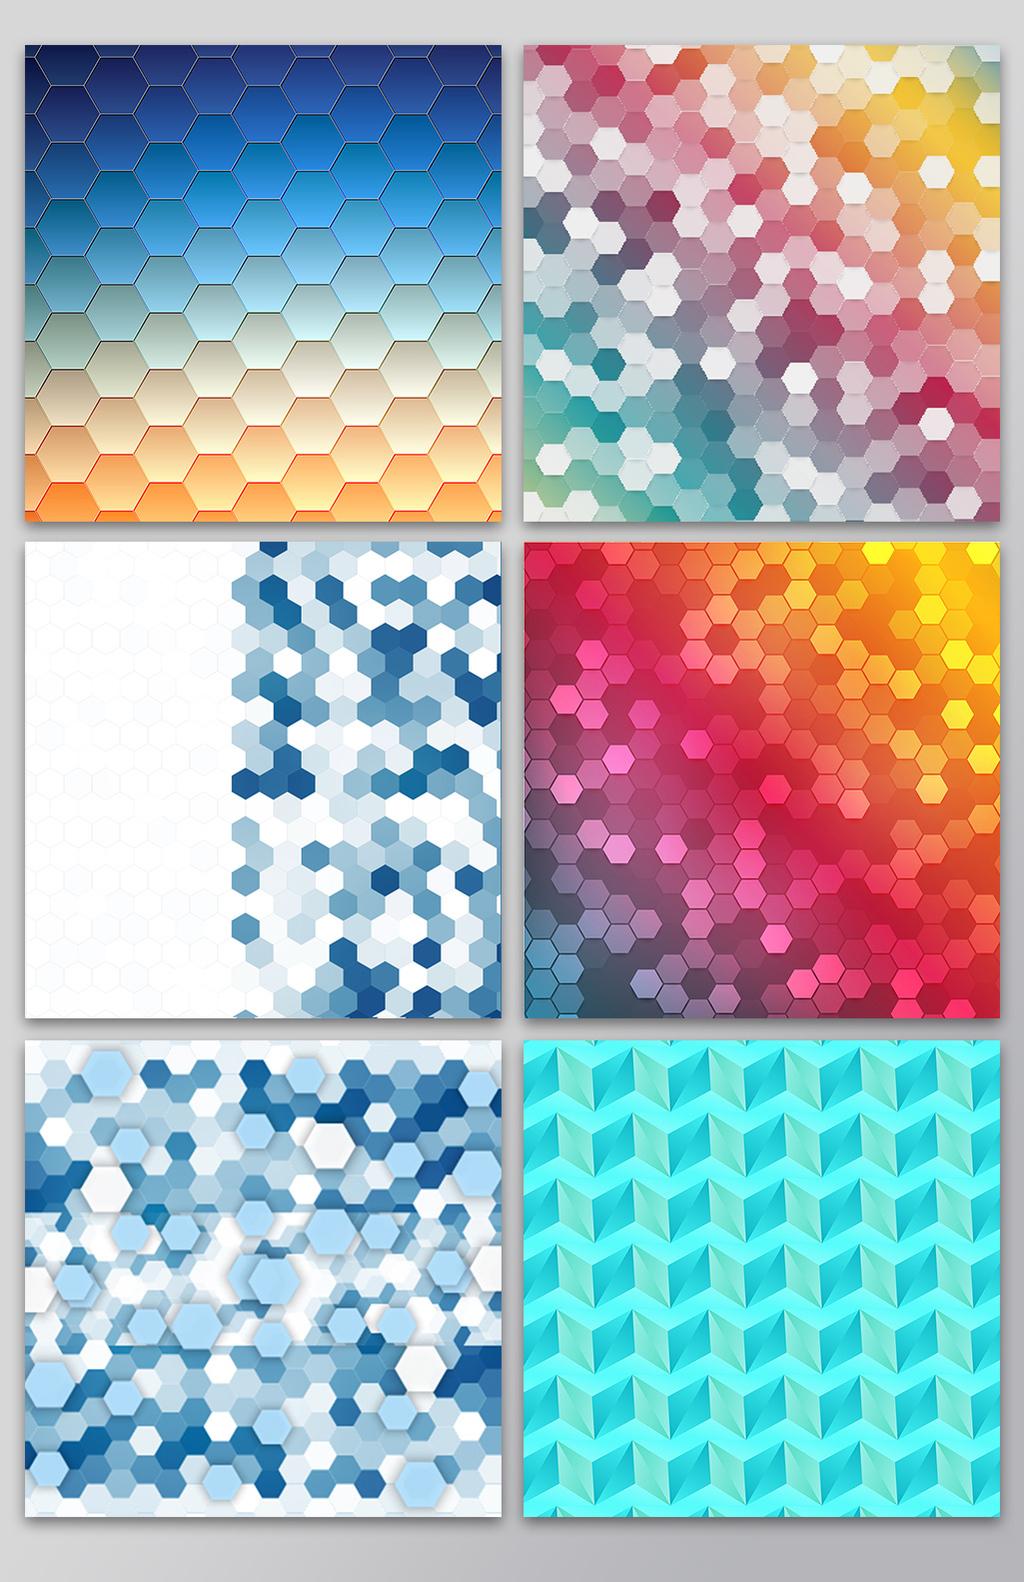 彩色马赛克背景矢量图图片设计素材 高清AI模板下载 5.06MB lzlovelw